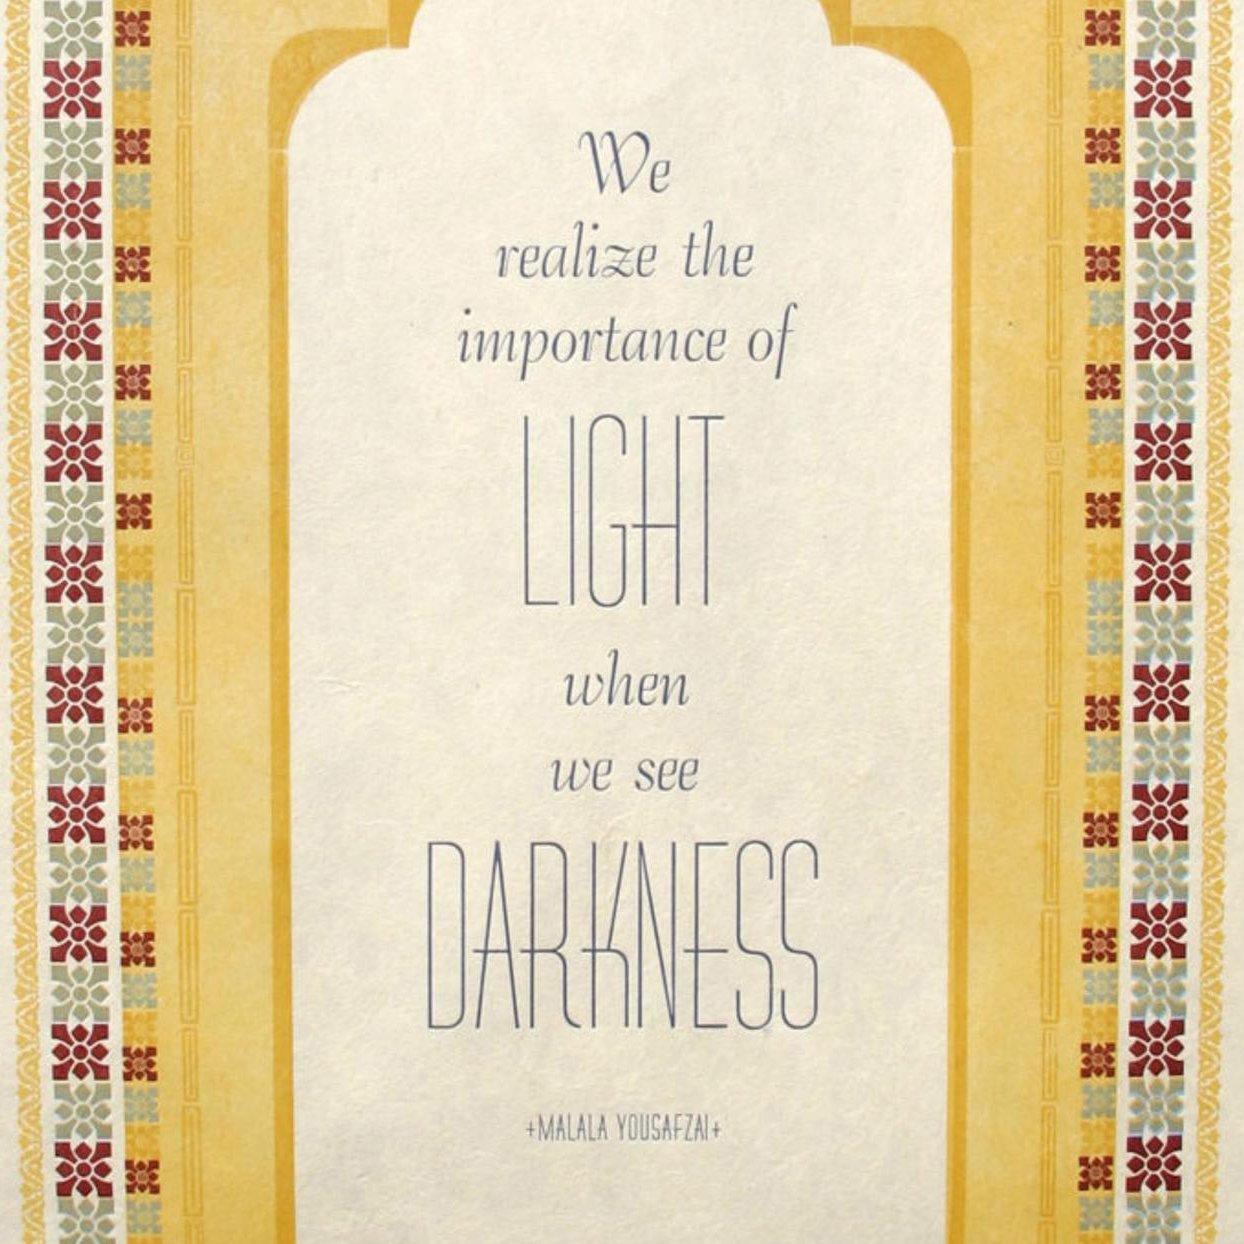 Image of Verse of Light